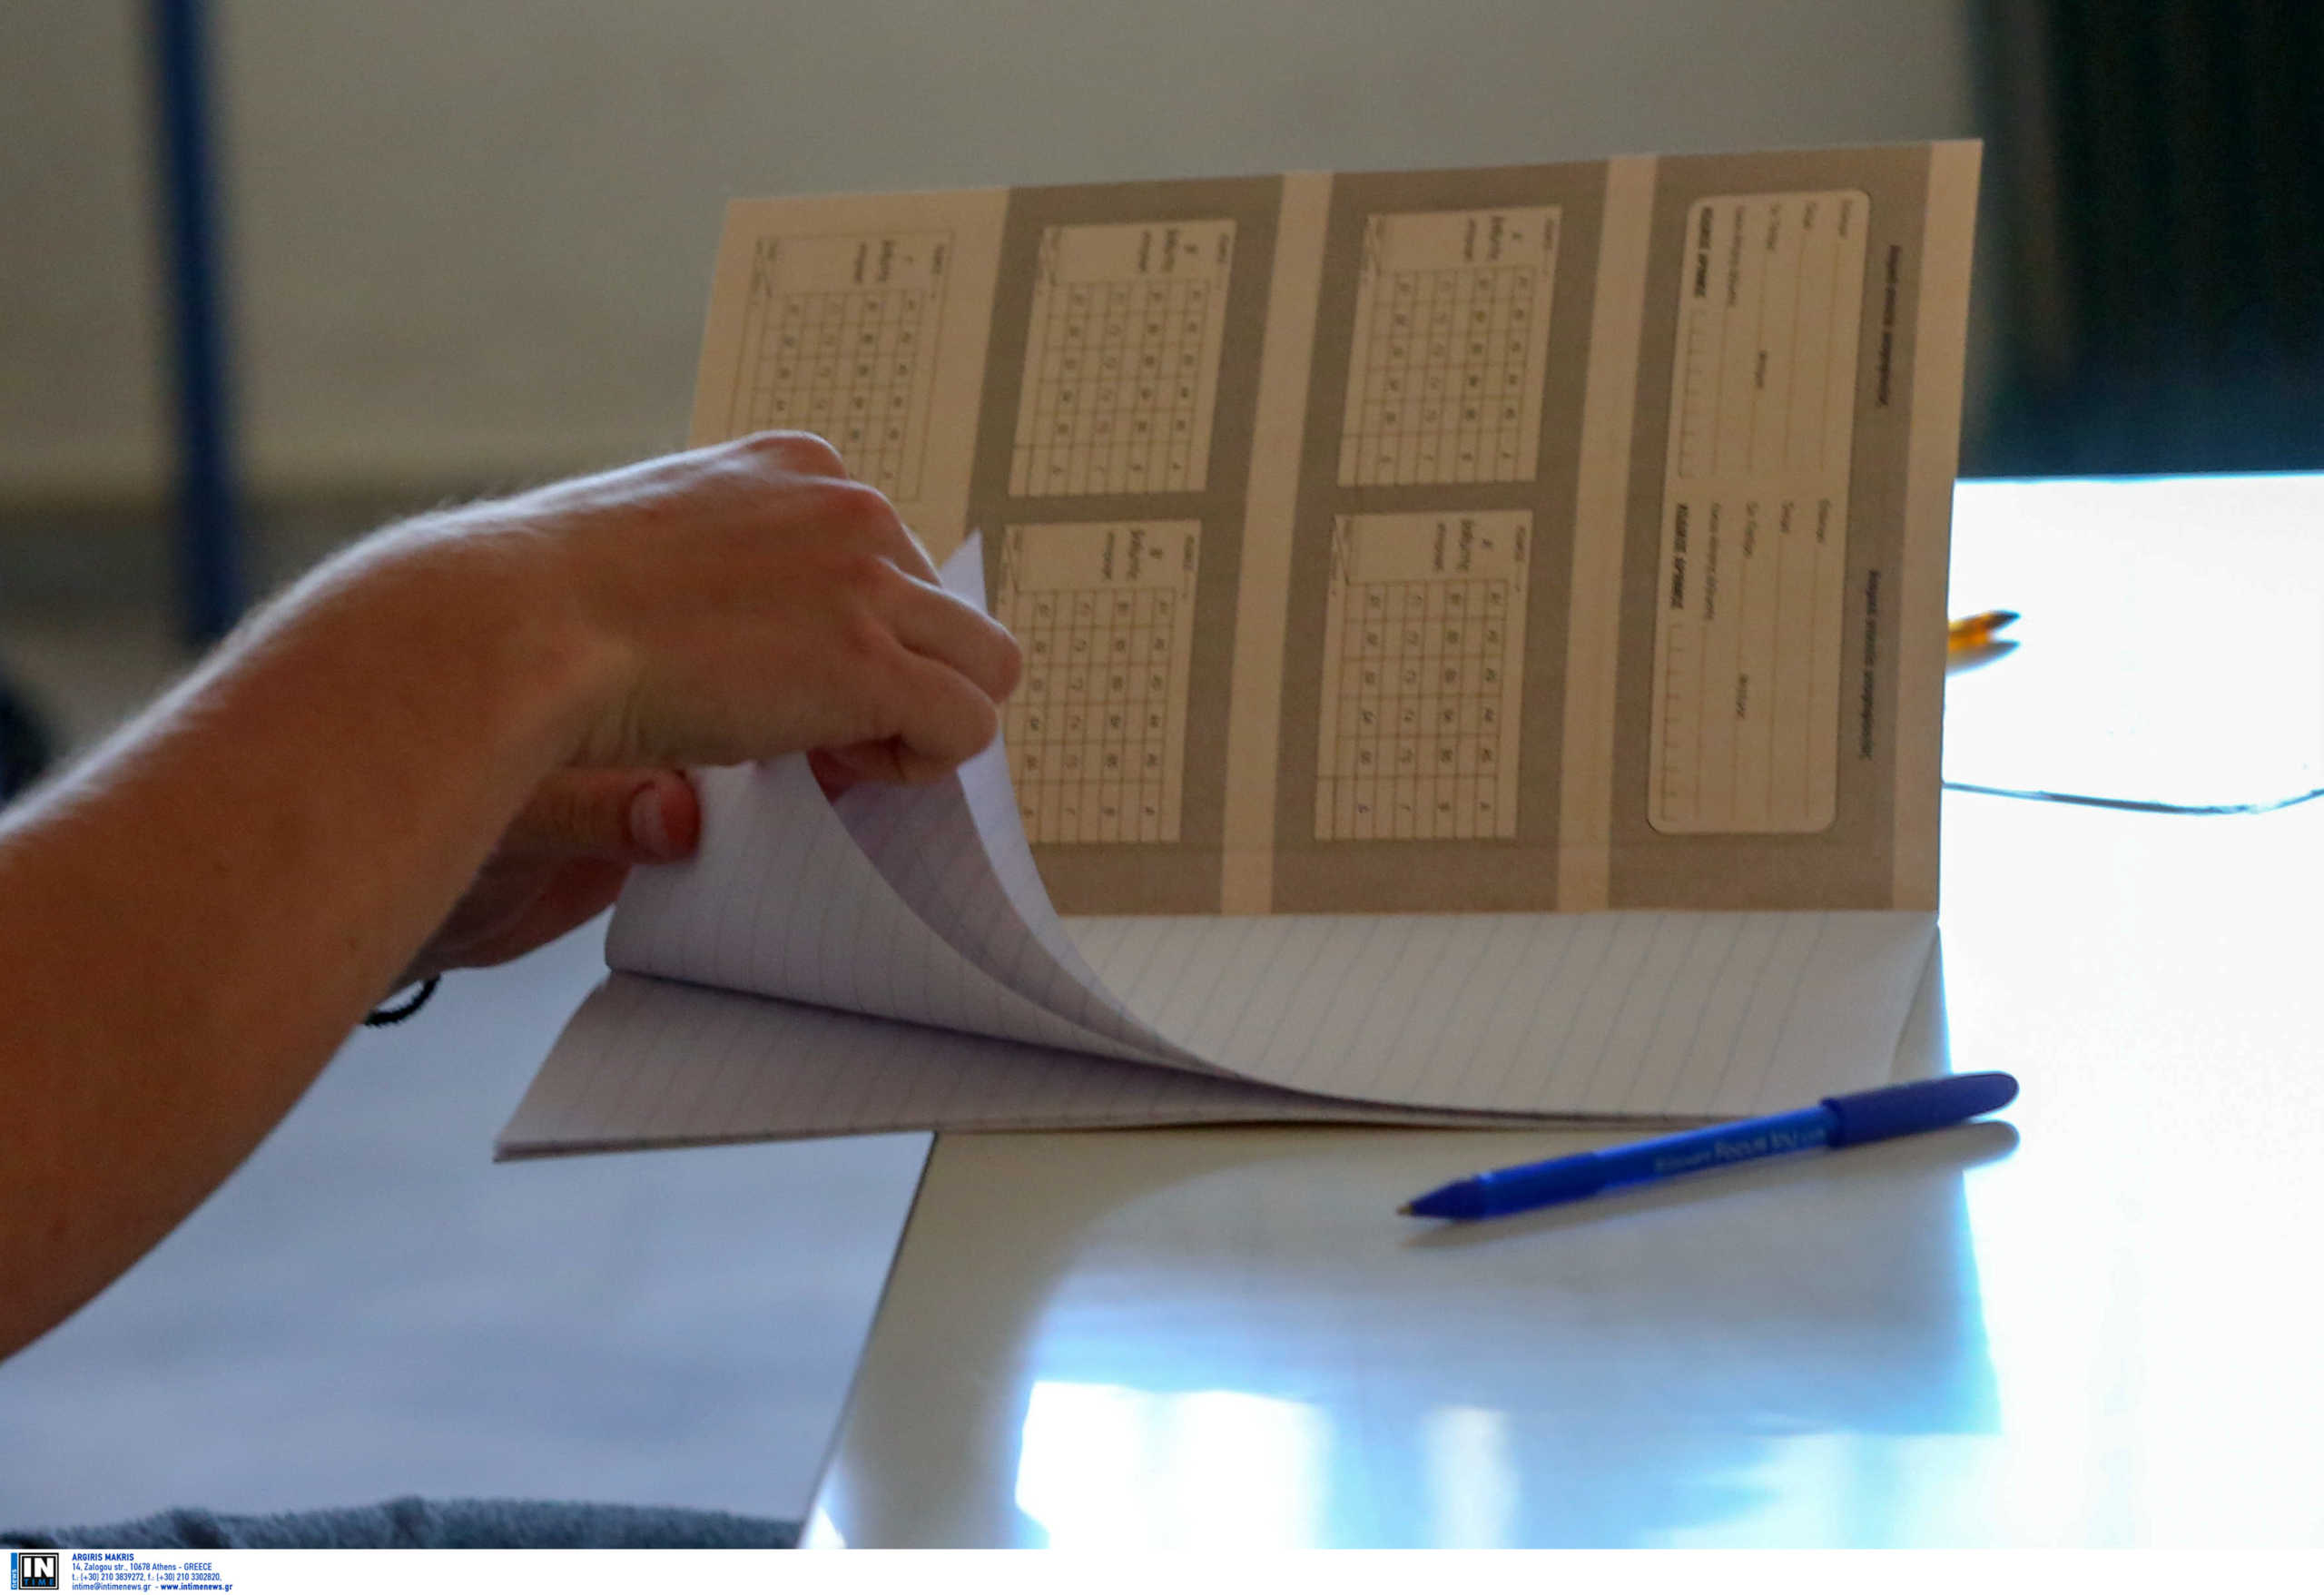 Μηχανογραφικό 2020 στο exams.it.minedu.gov.gr – Η αίτηση και όσα πρέπει να γνωρίζετε